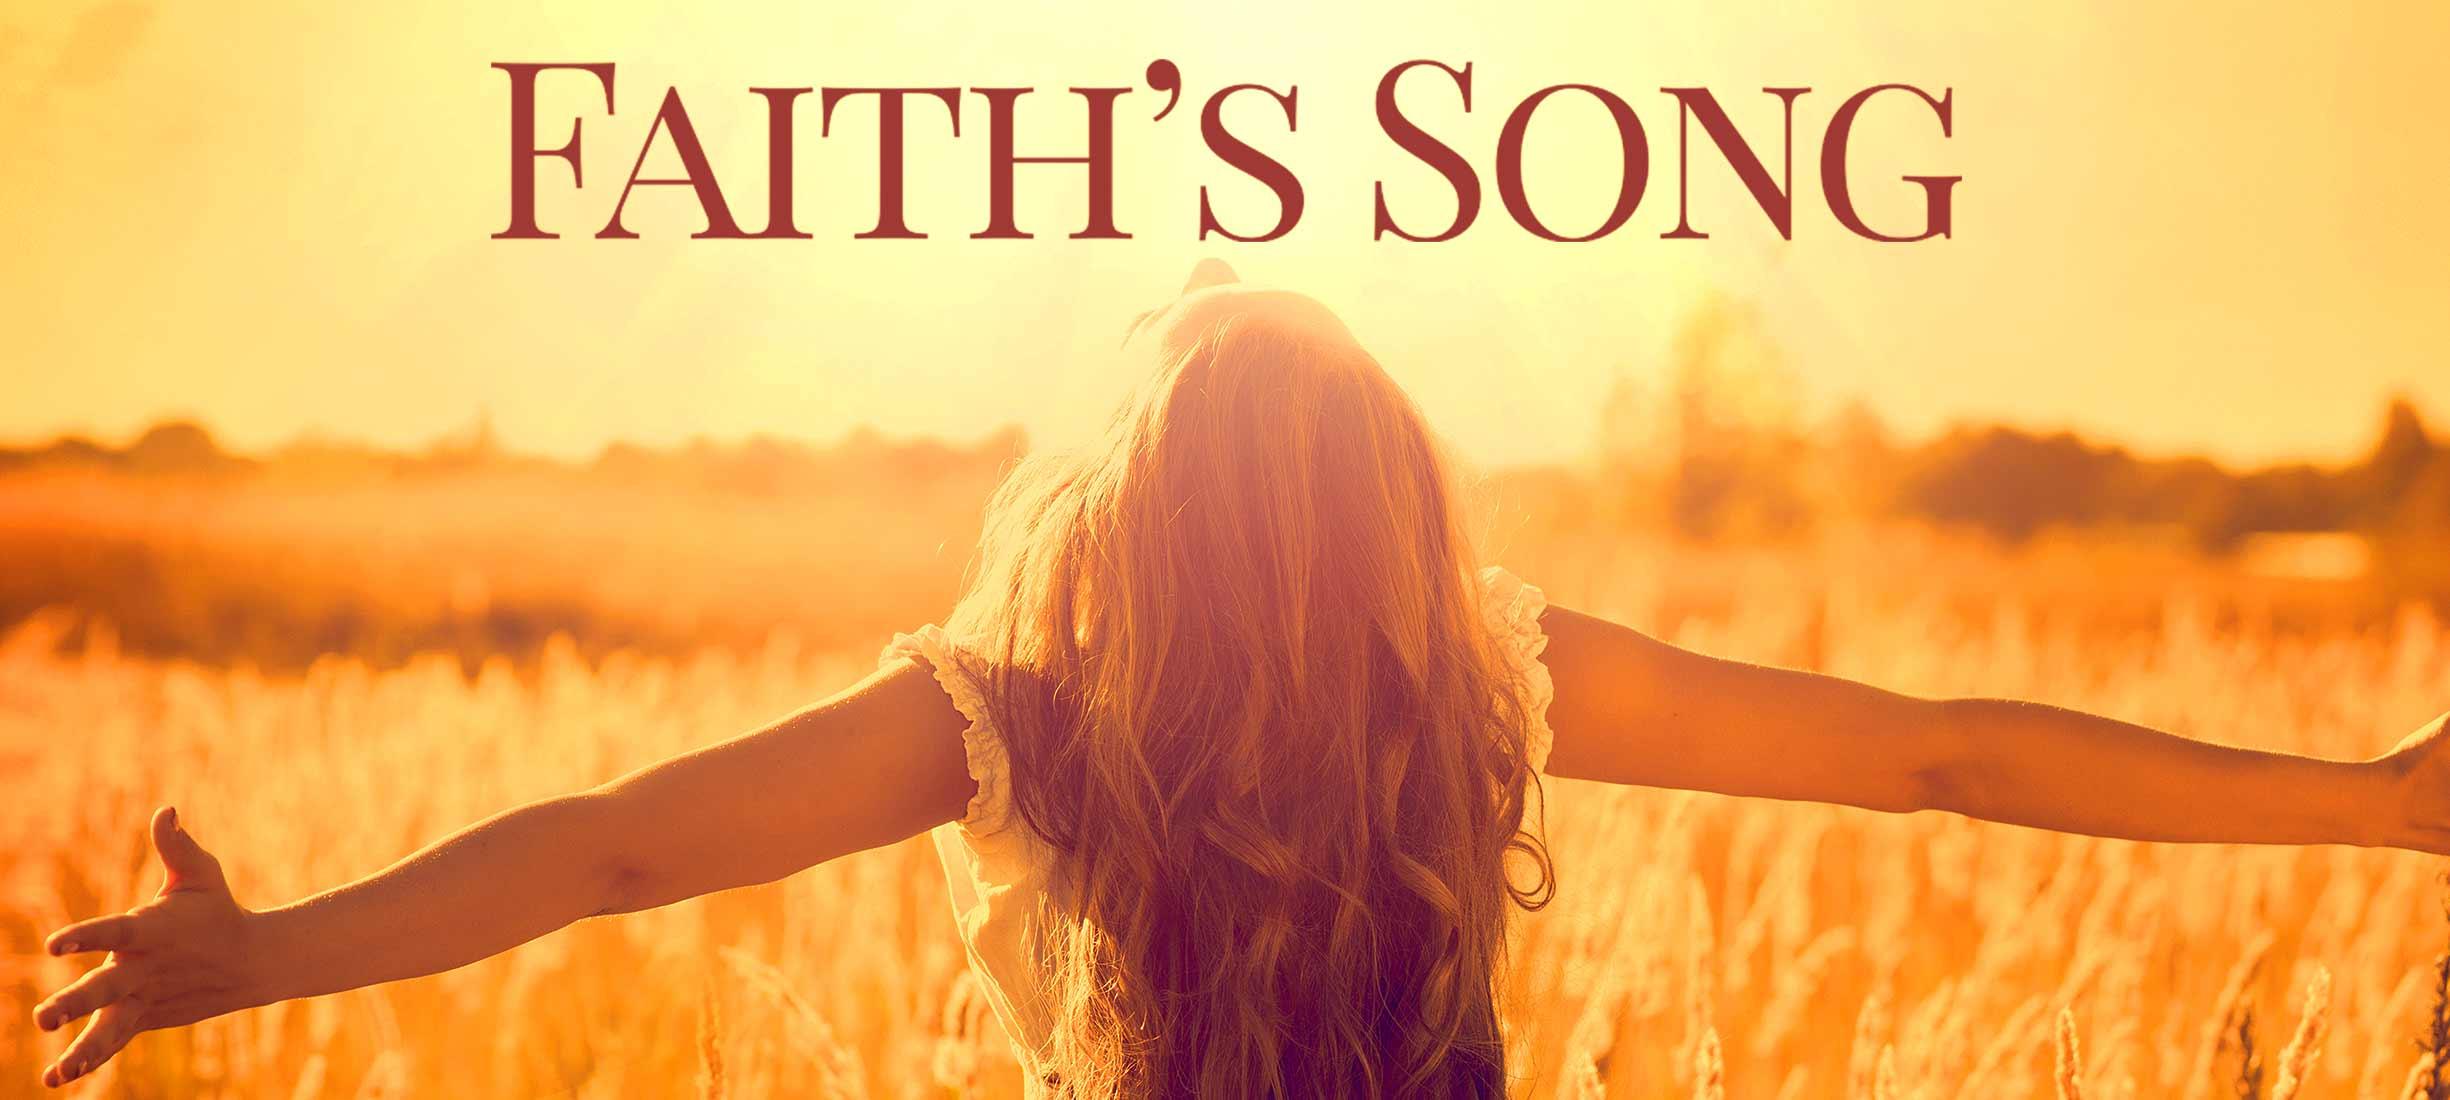 Faith's Song (2017)- Cantecul credintei